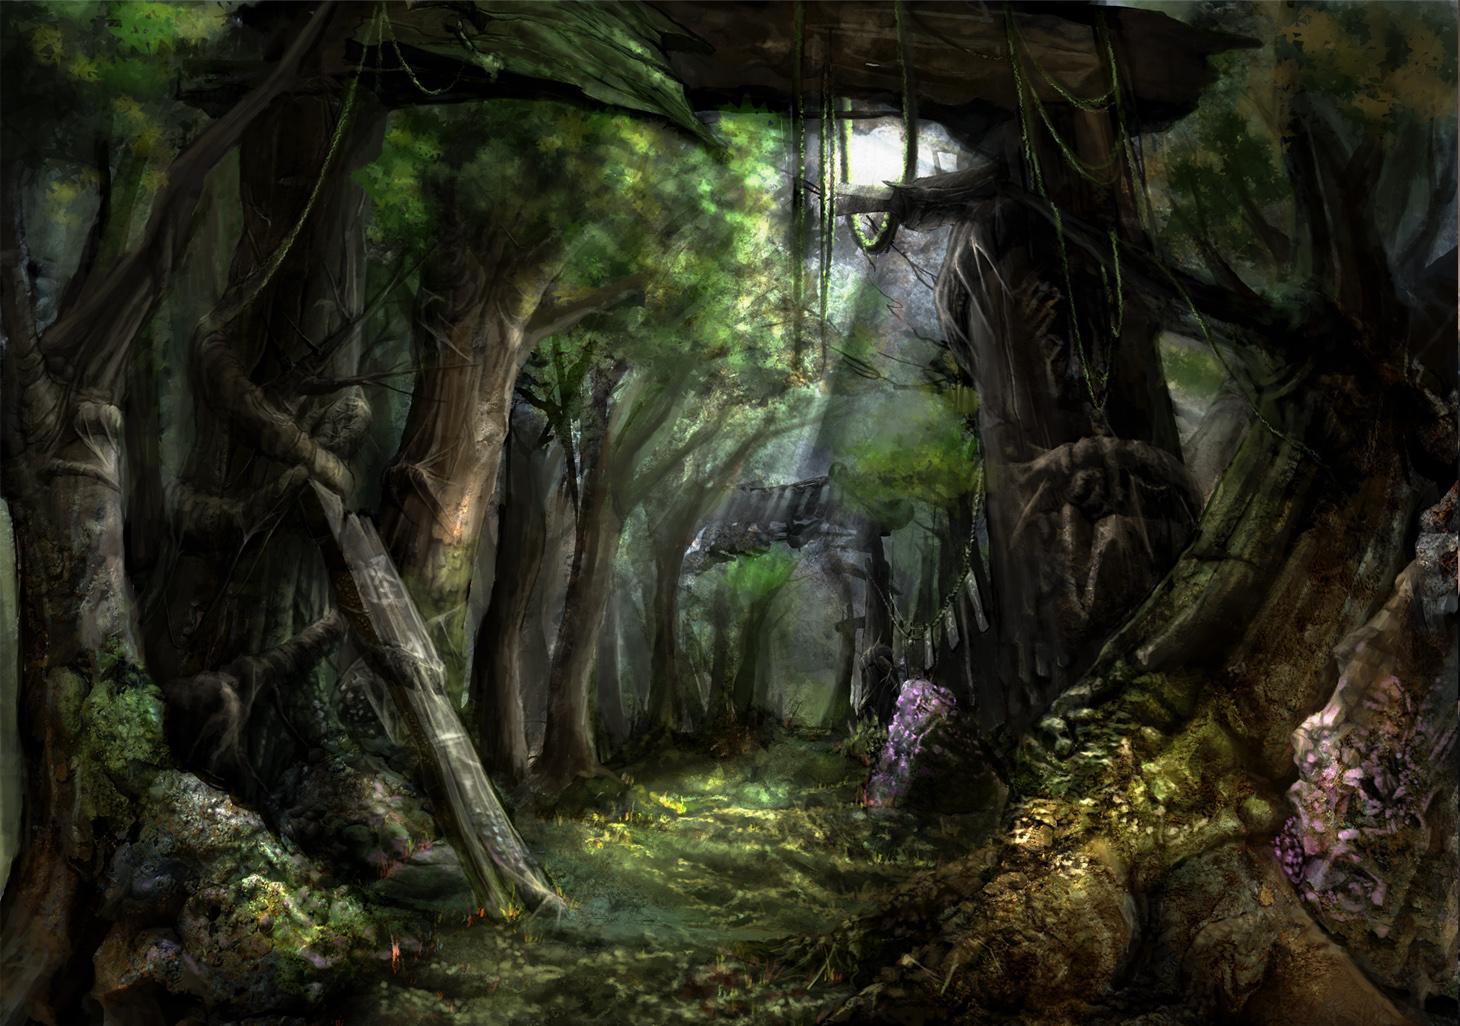 Resultado de imagen de fantasy forest tumblr